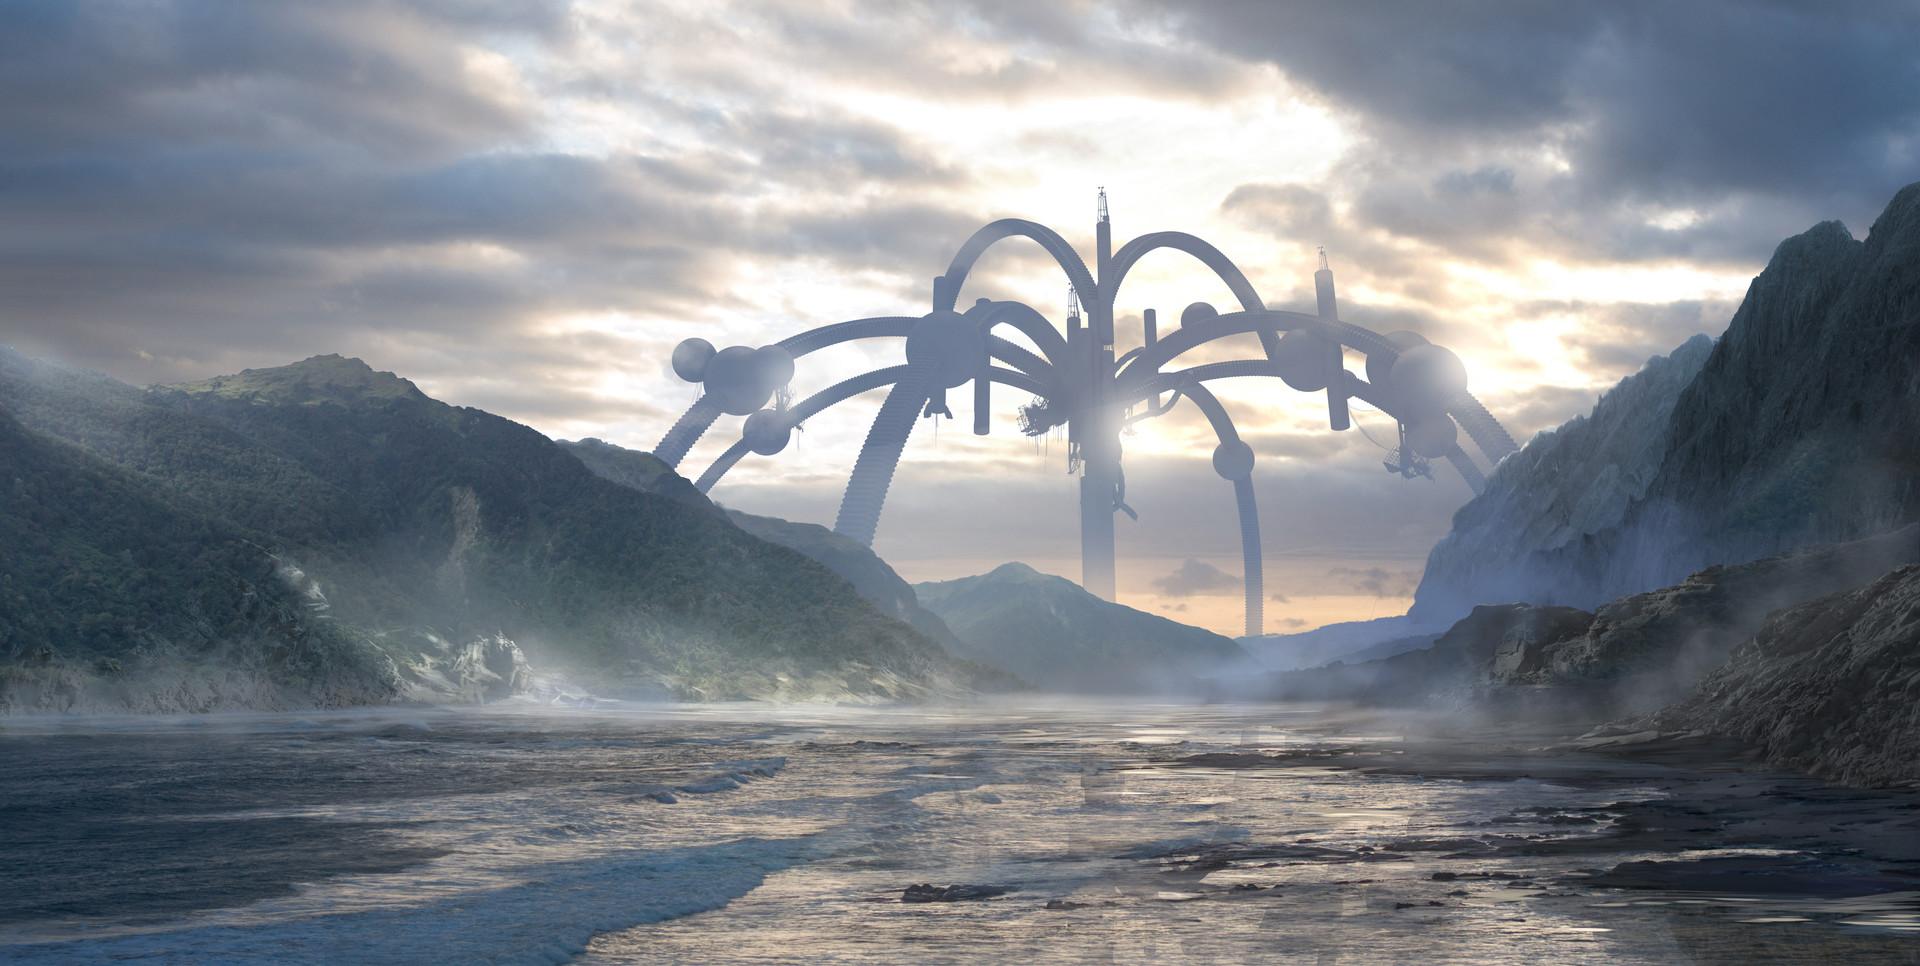 Konstantin vohwinkel terraformer new artst